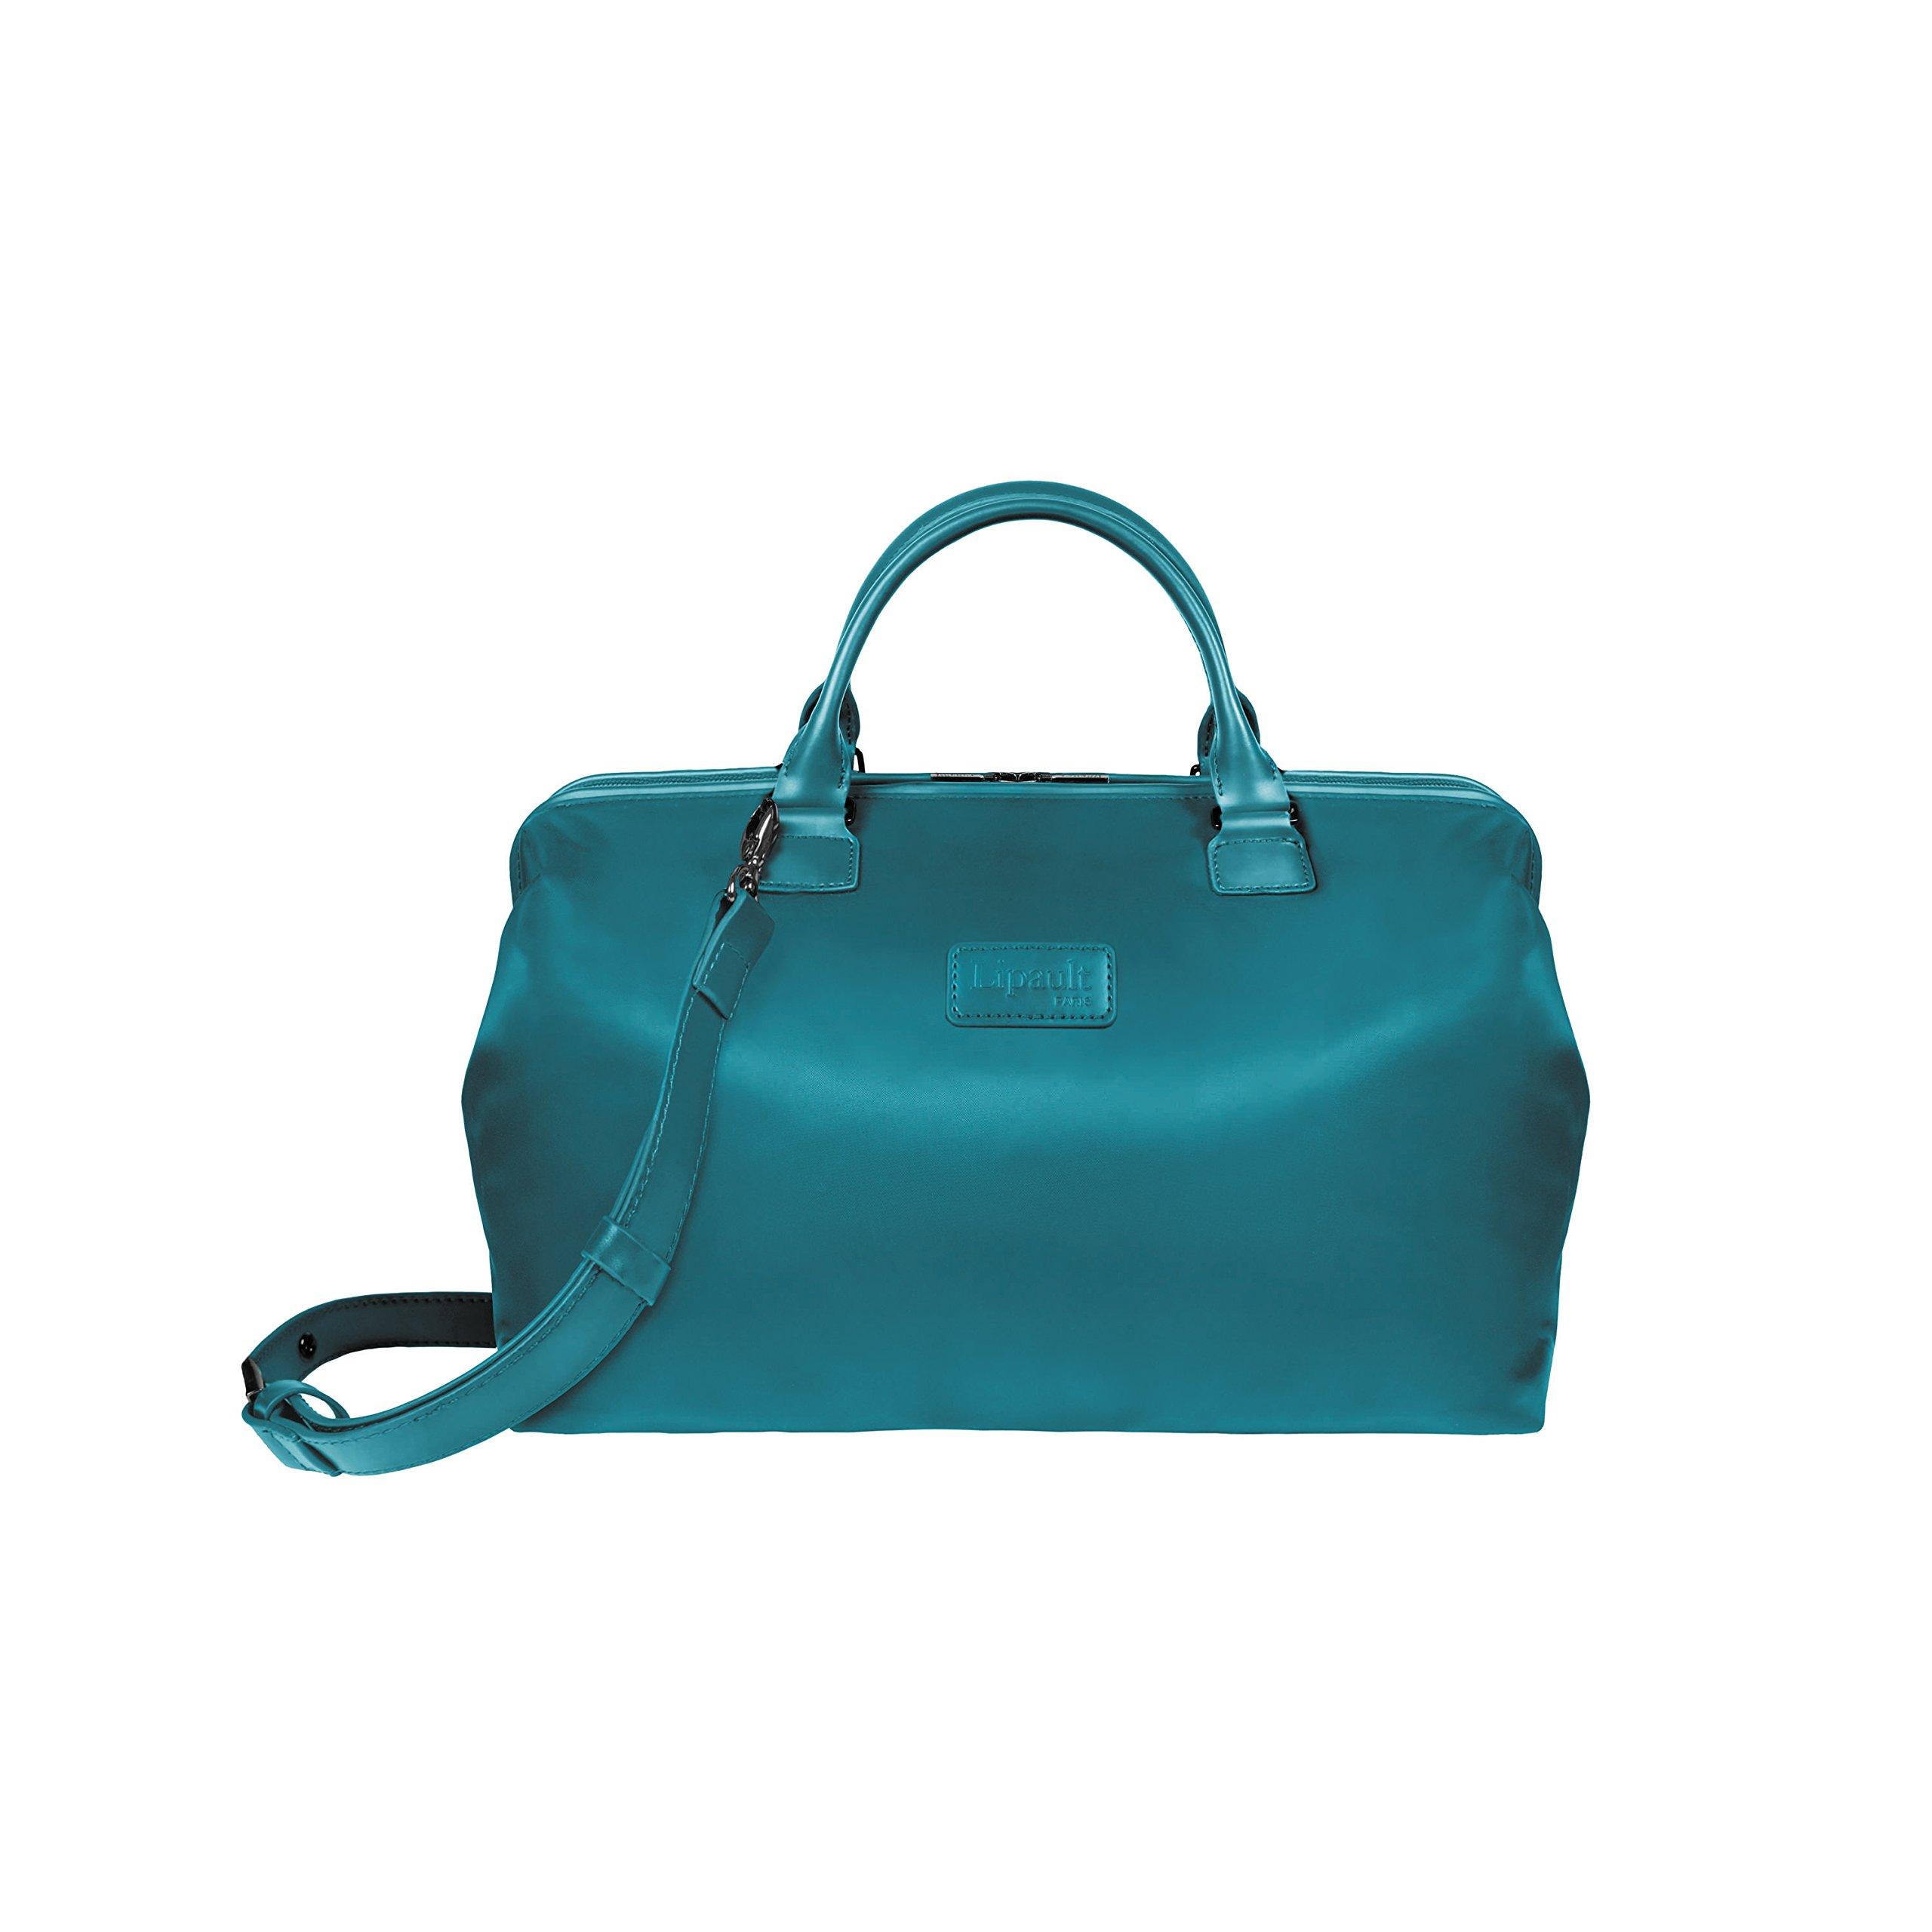 Lipault Bowling Bag-M, Aqua, One Size